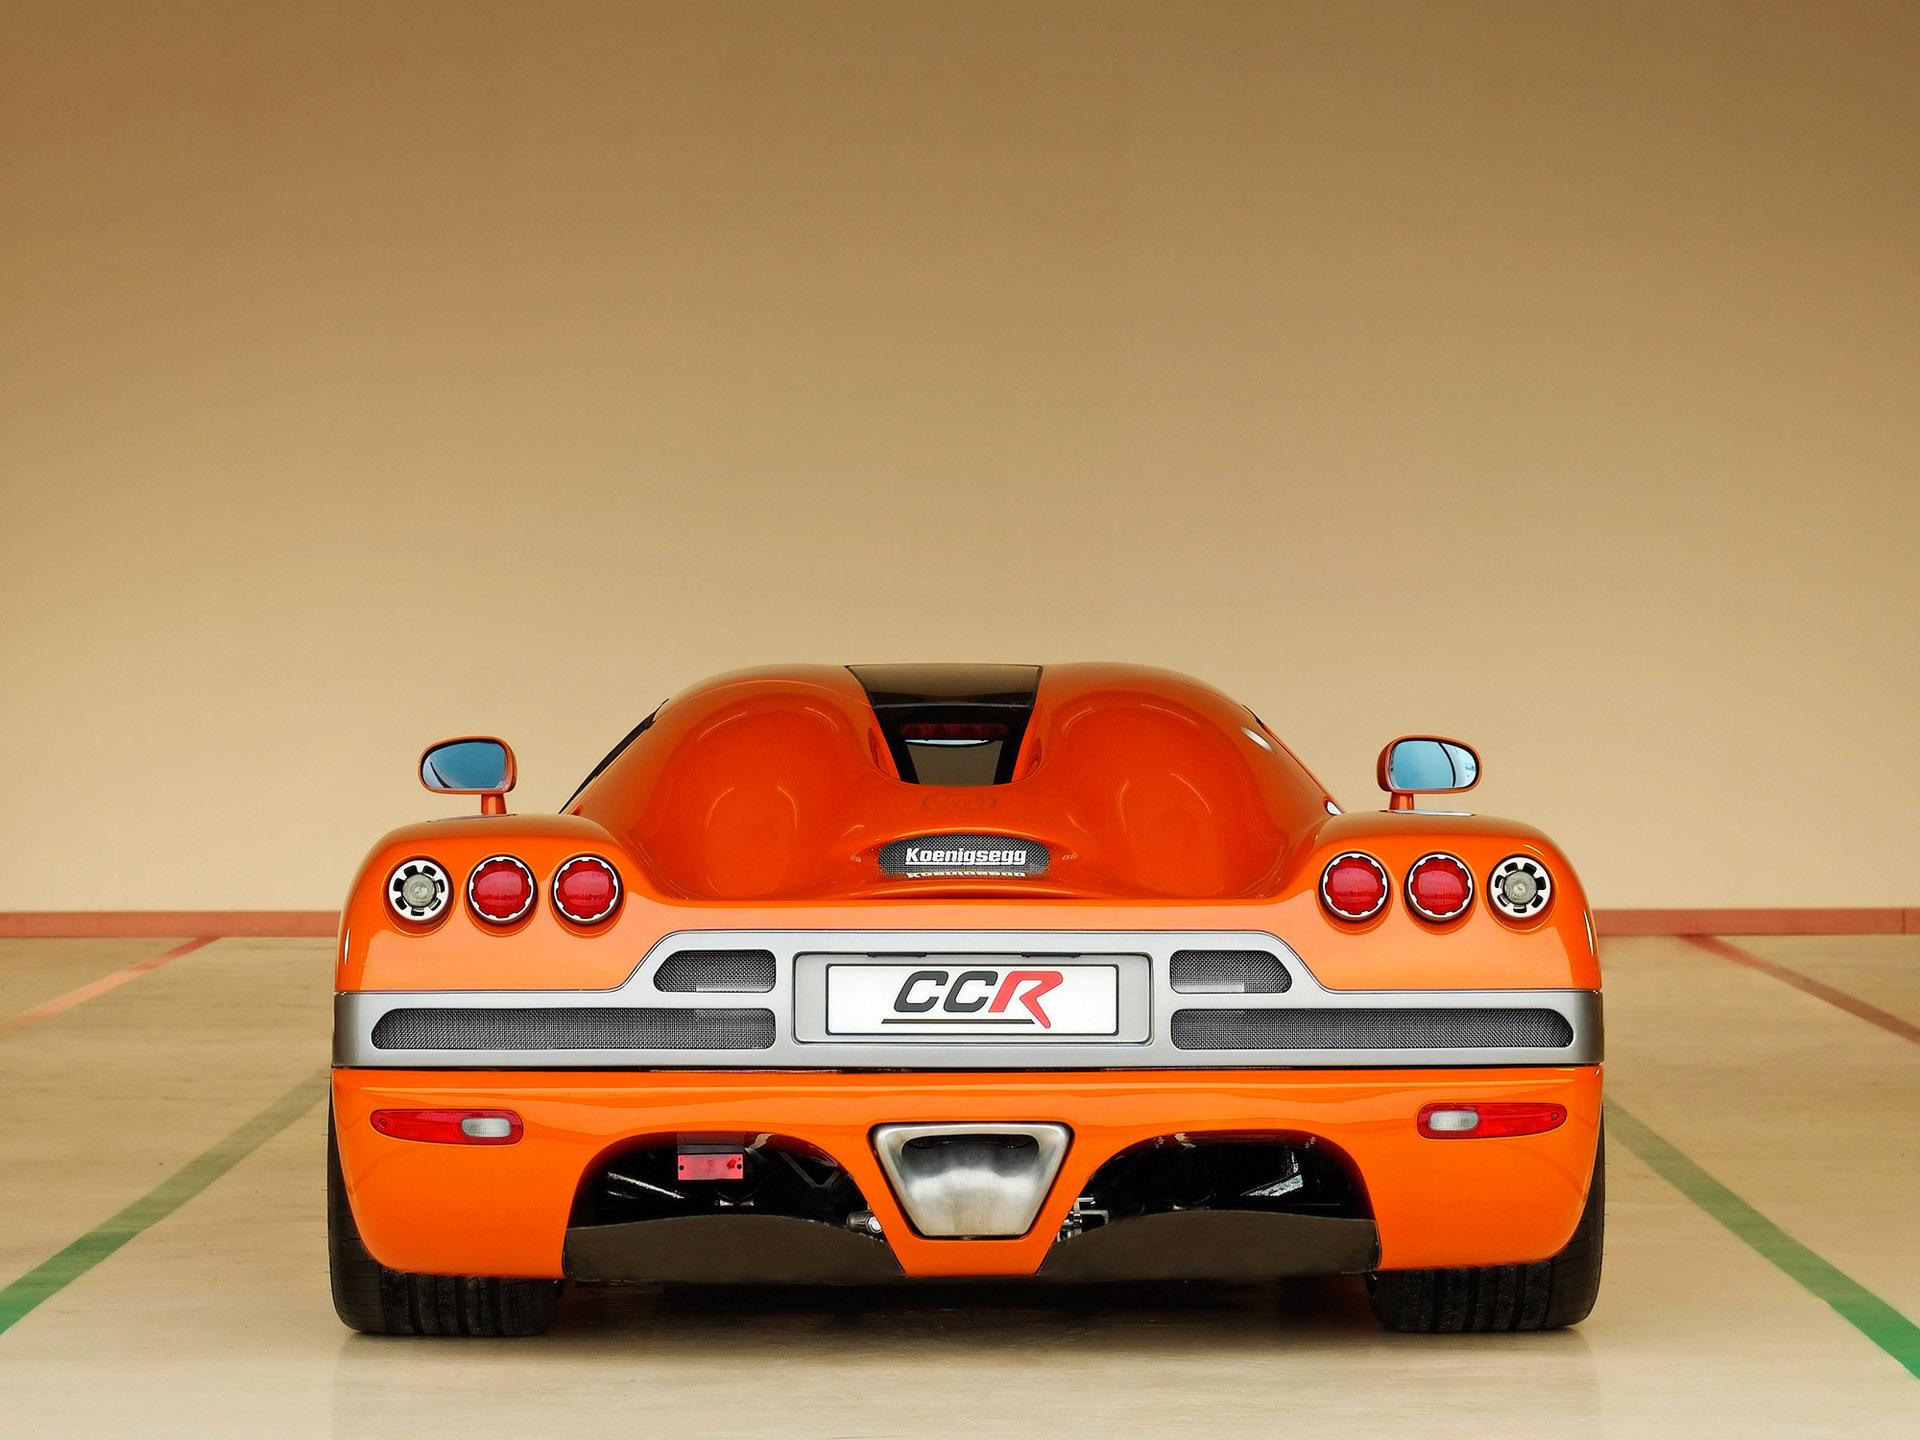 Top 10: Curiosidades estéticas sobre coches deportivos 6